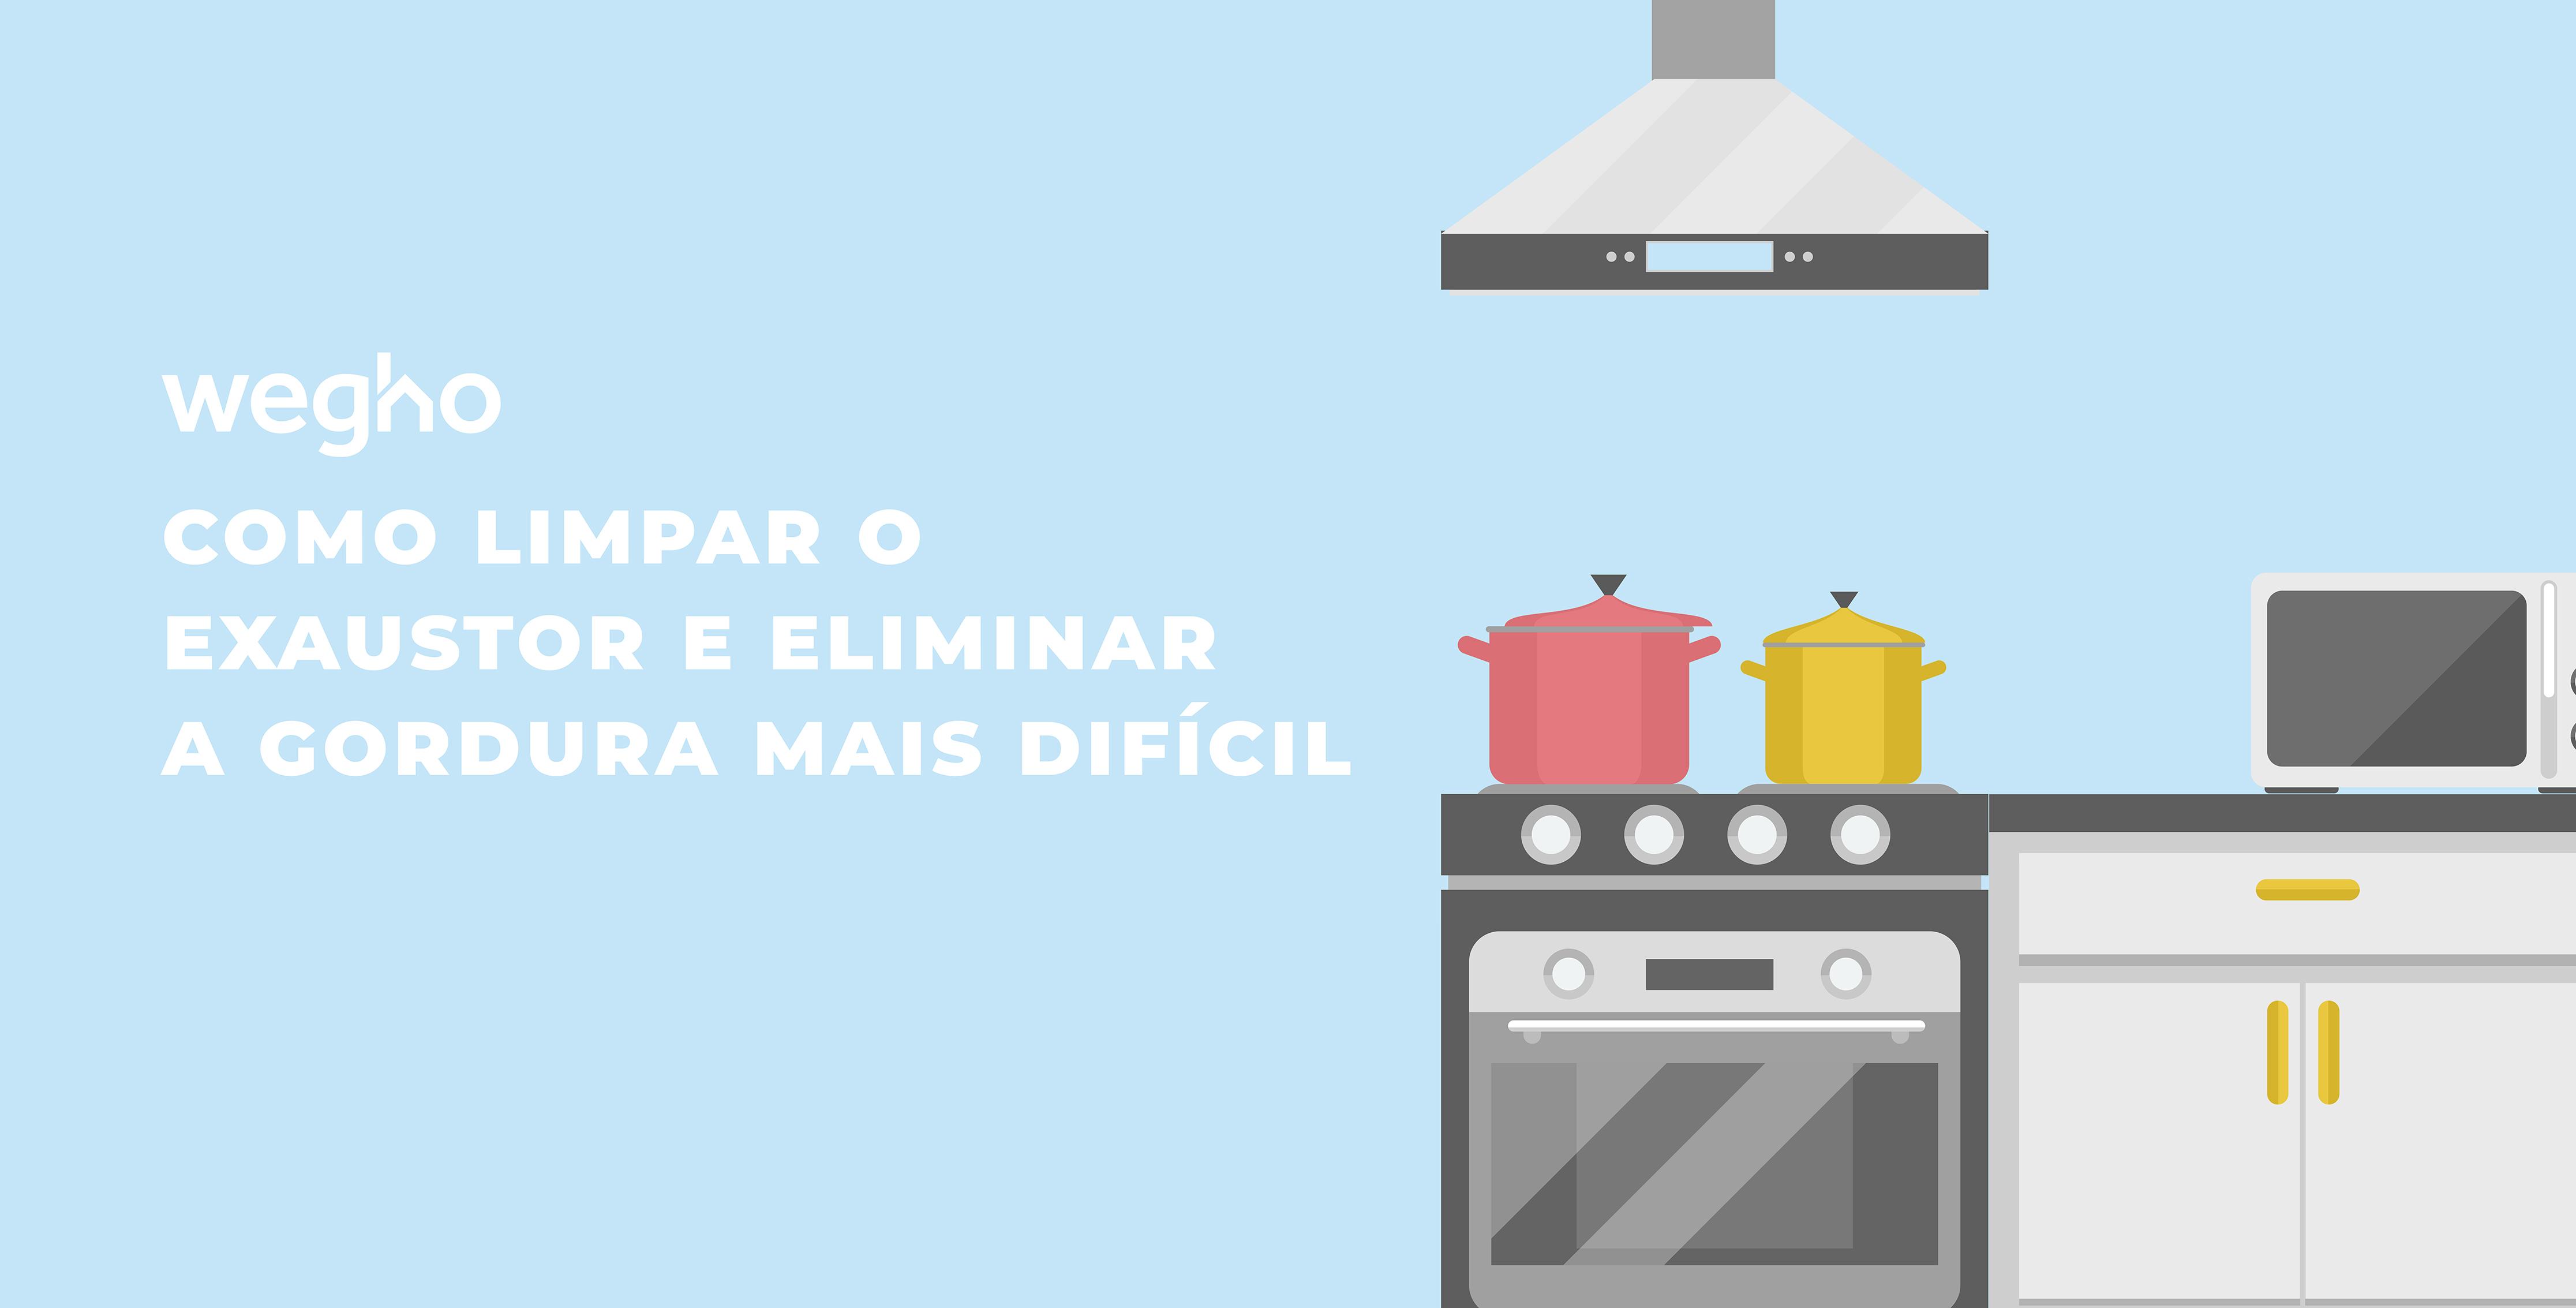 Como limpar o exaustor e eliminar a gordura mais difícil - limpar exaustor de cozinha - remover gordura de exaustor - Wegho